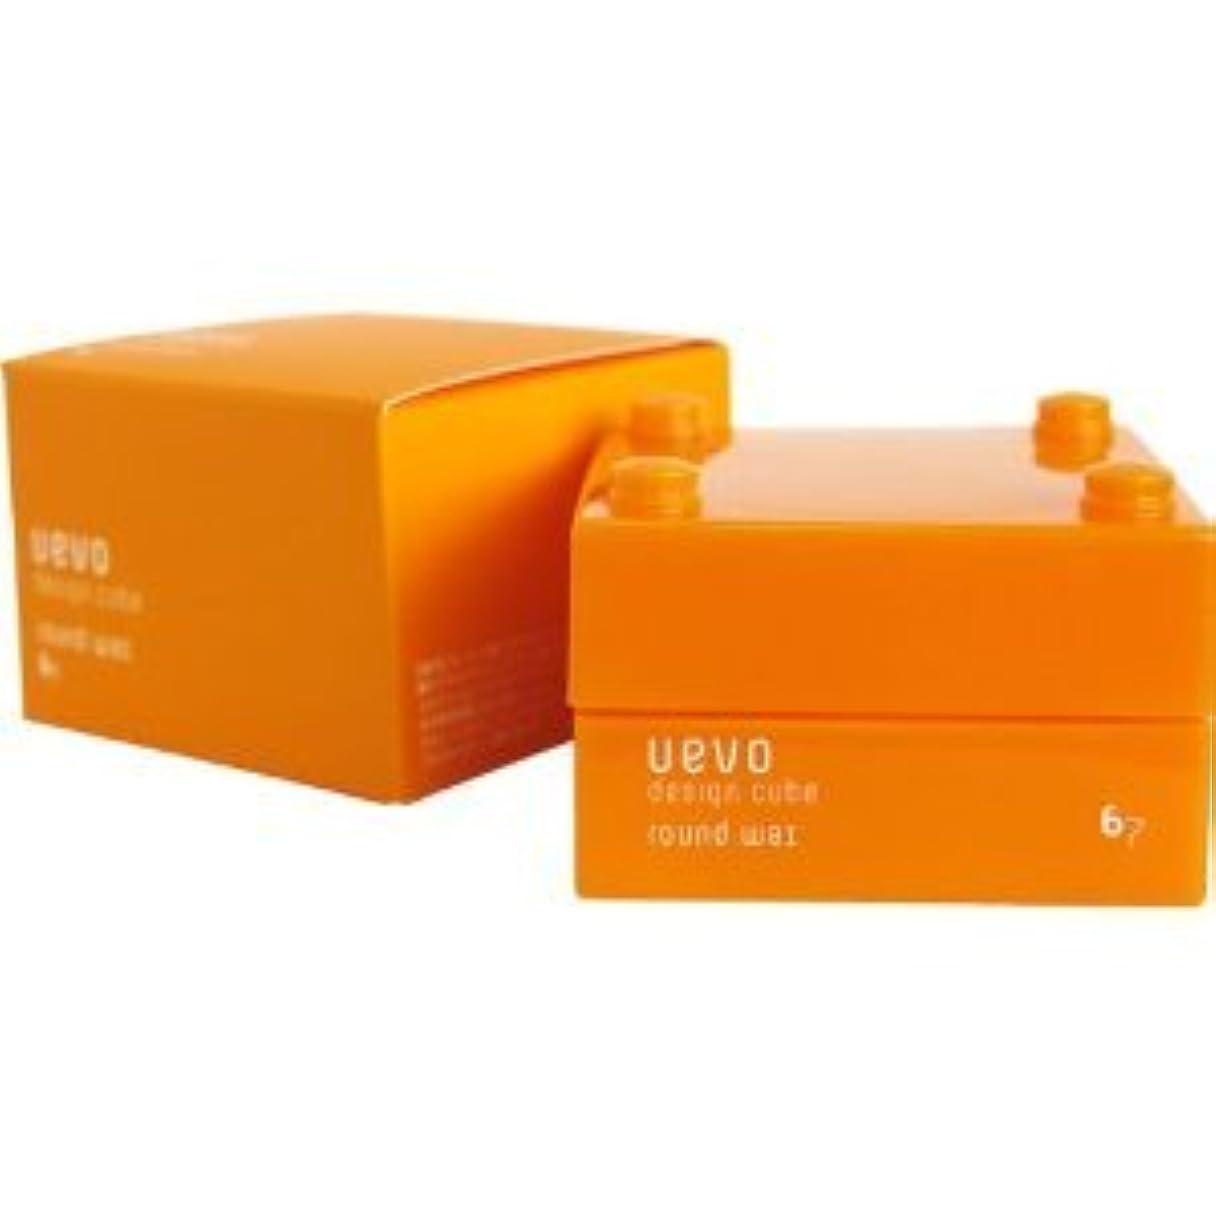 人工的な代名詞美人デミ ウェーボ デザインキューブ ラウンドワックス 30g round wax DEMI uevo design cube